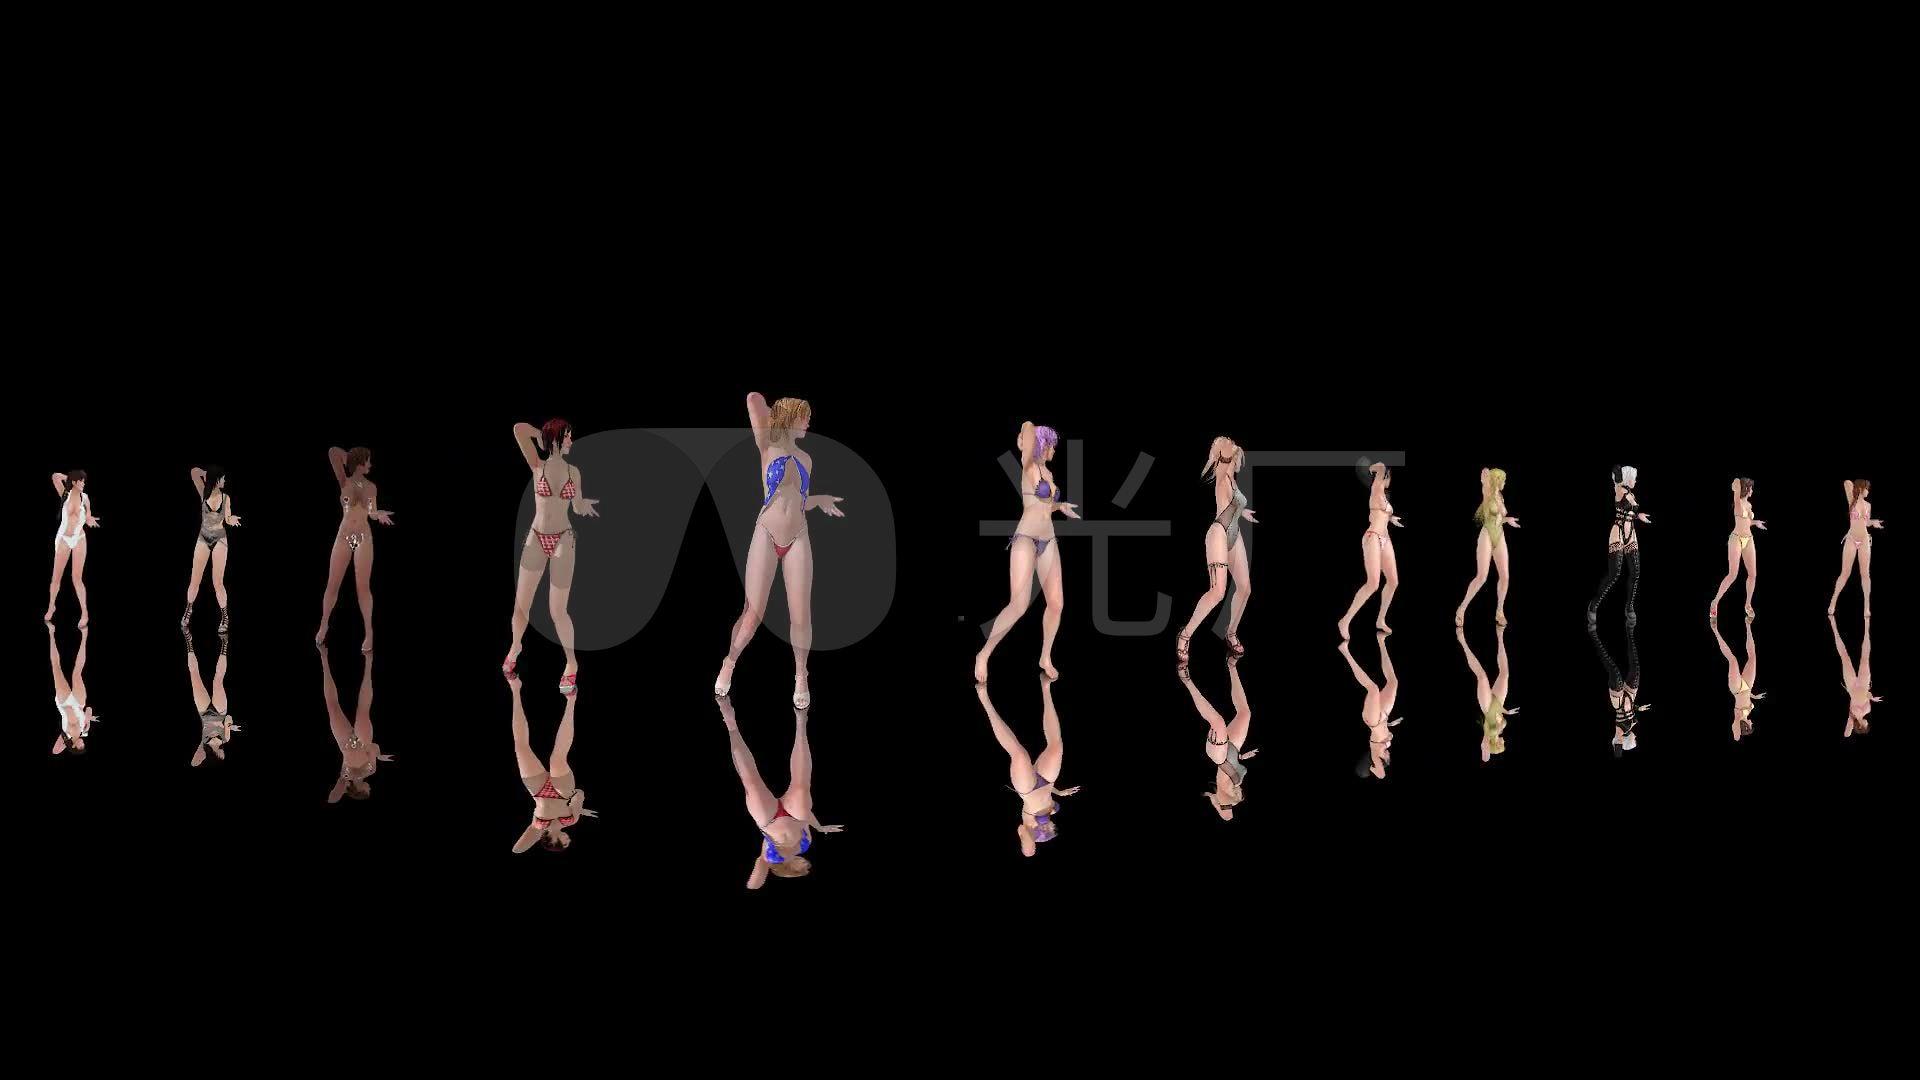 性感舞蹈妹性感纸gif图美女3D美女死或生游戏1_1920X1080图片